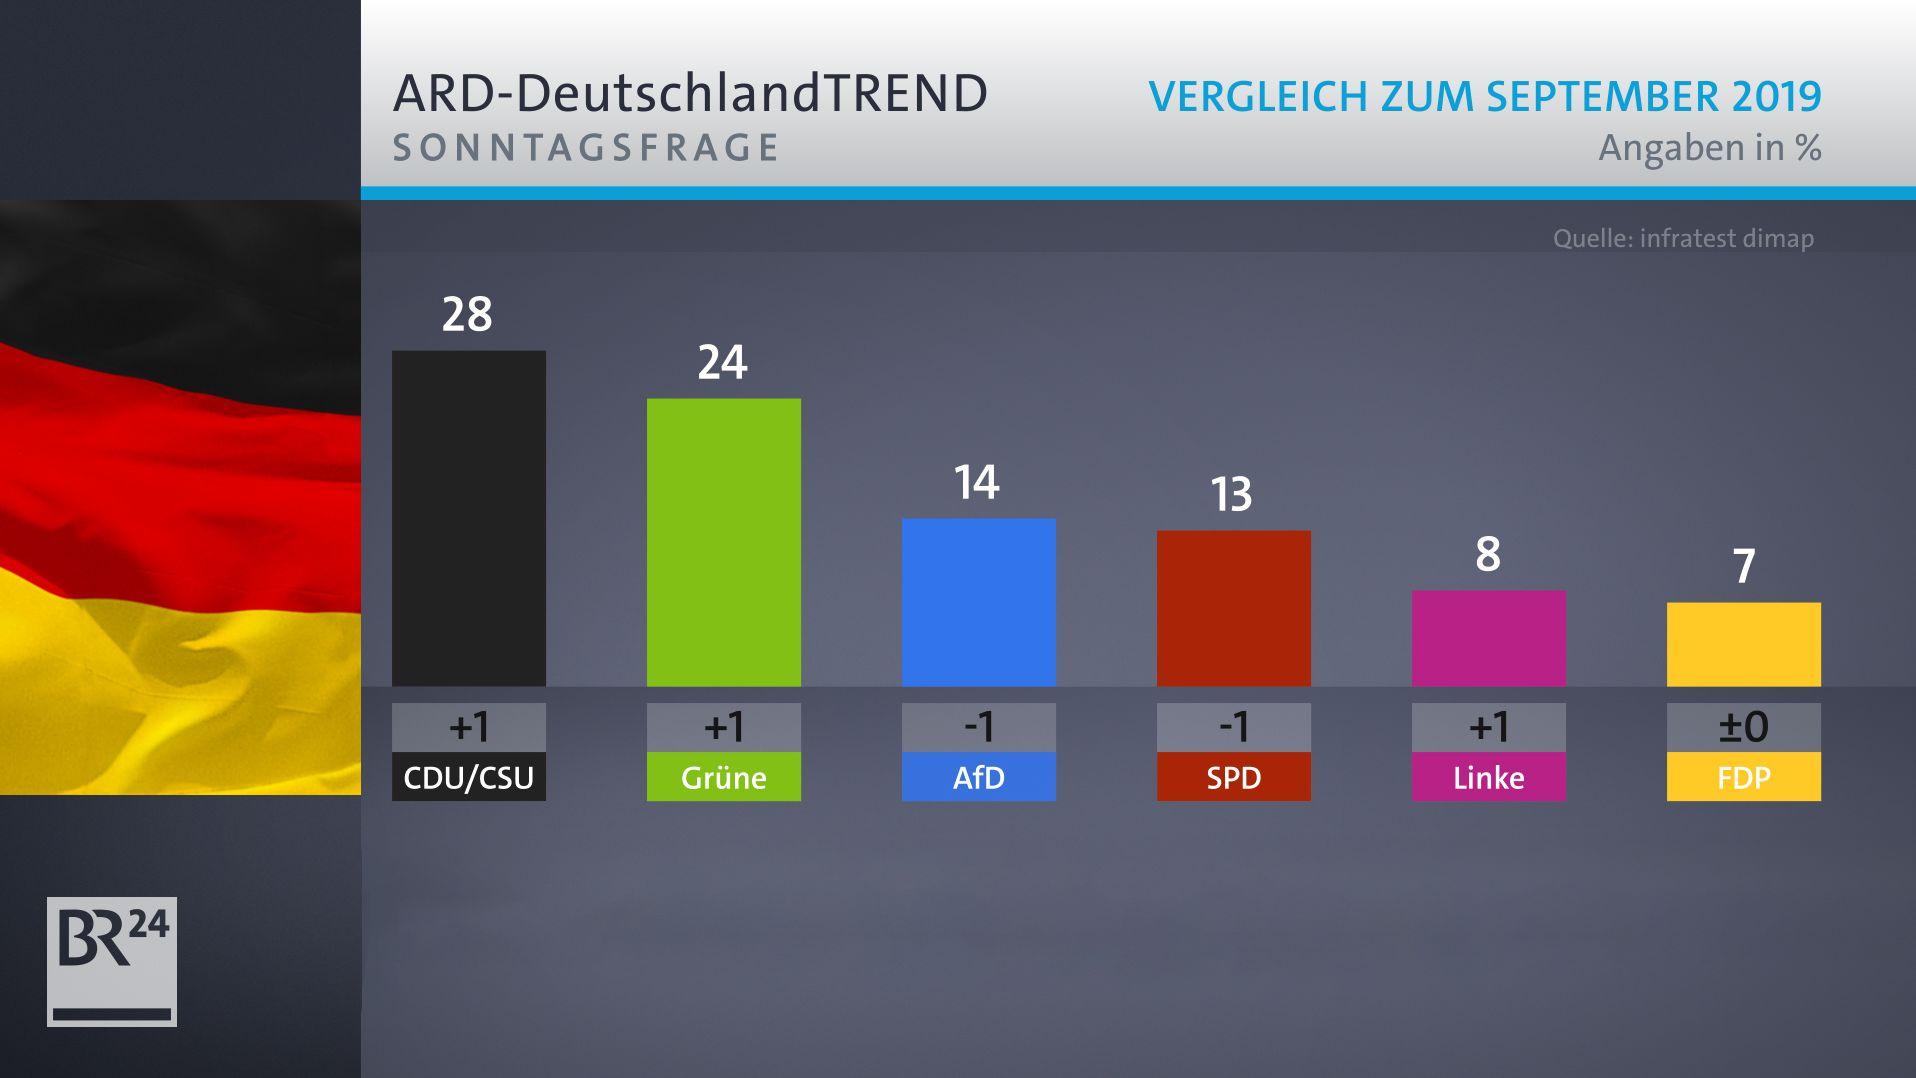 ARD-Deutschlandtrend: Sonntagsfrage (Oktober 2019)